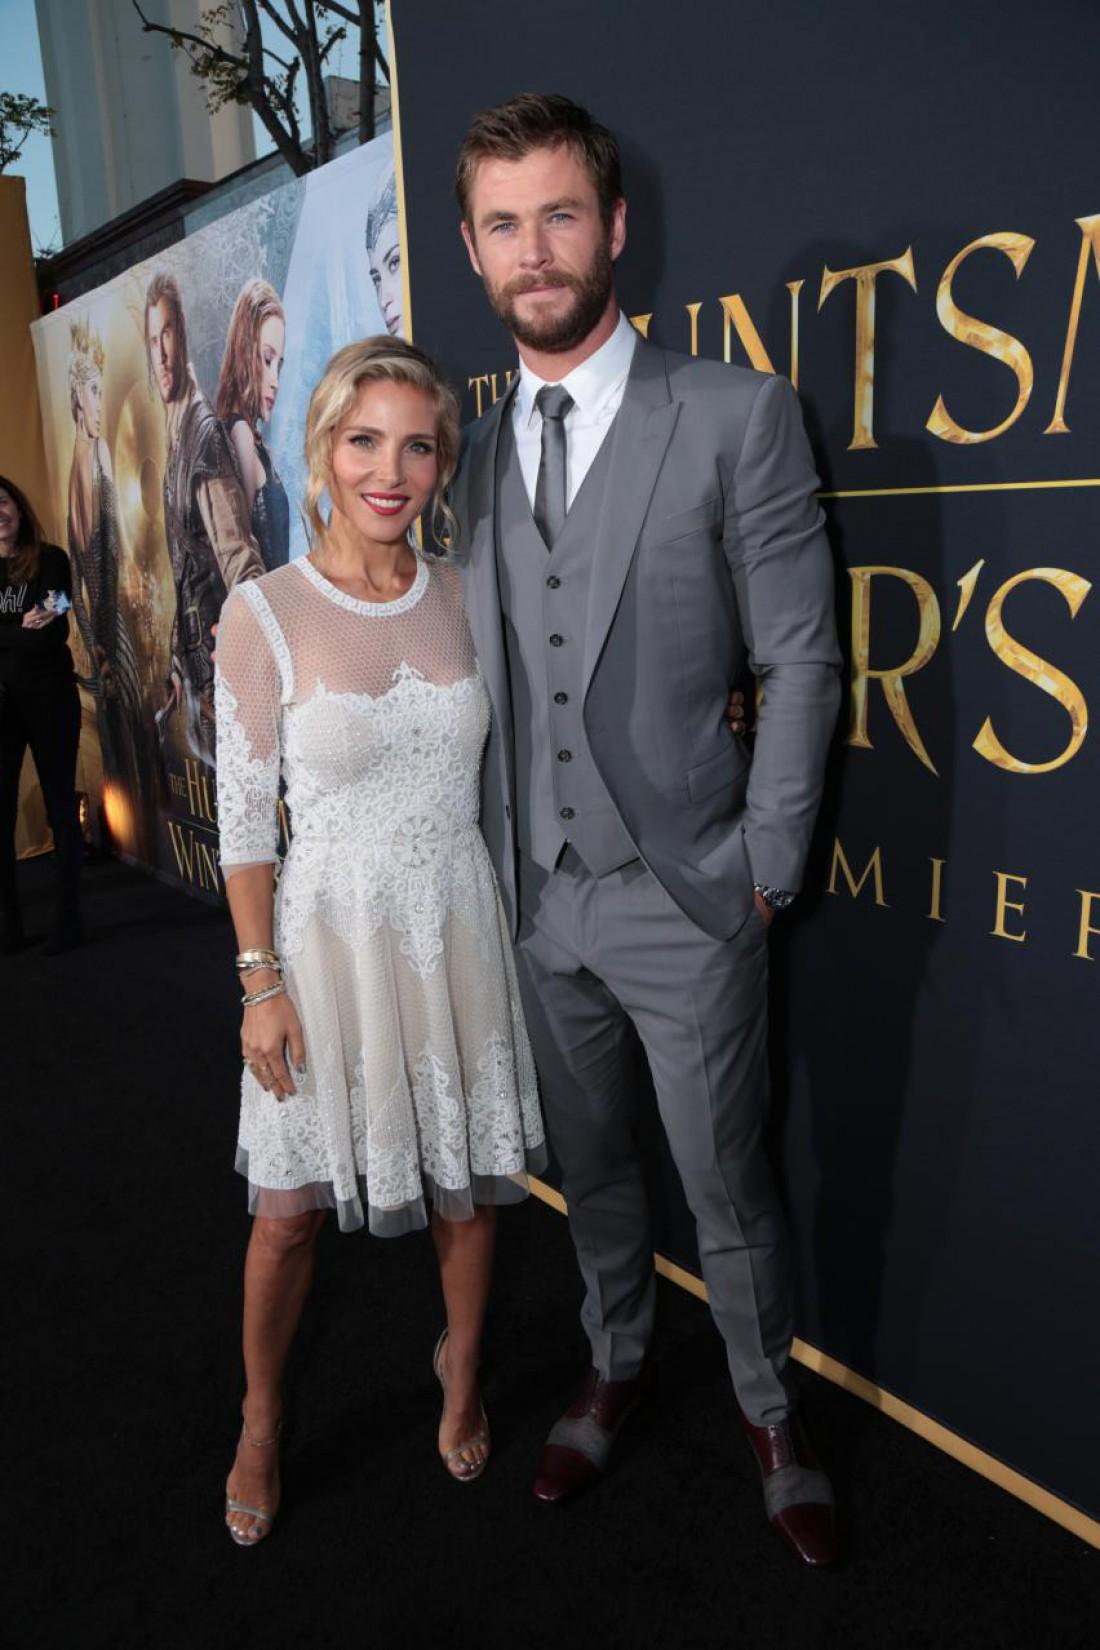 Крис с женой на премьере в Лос-Анджелесе